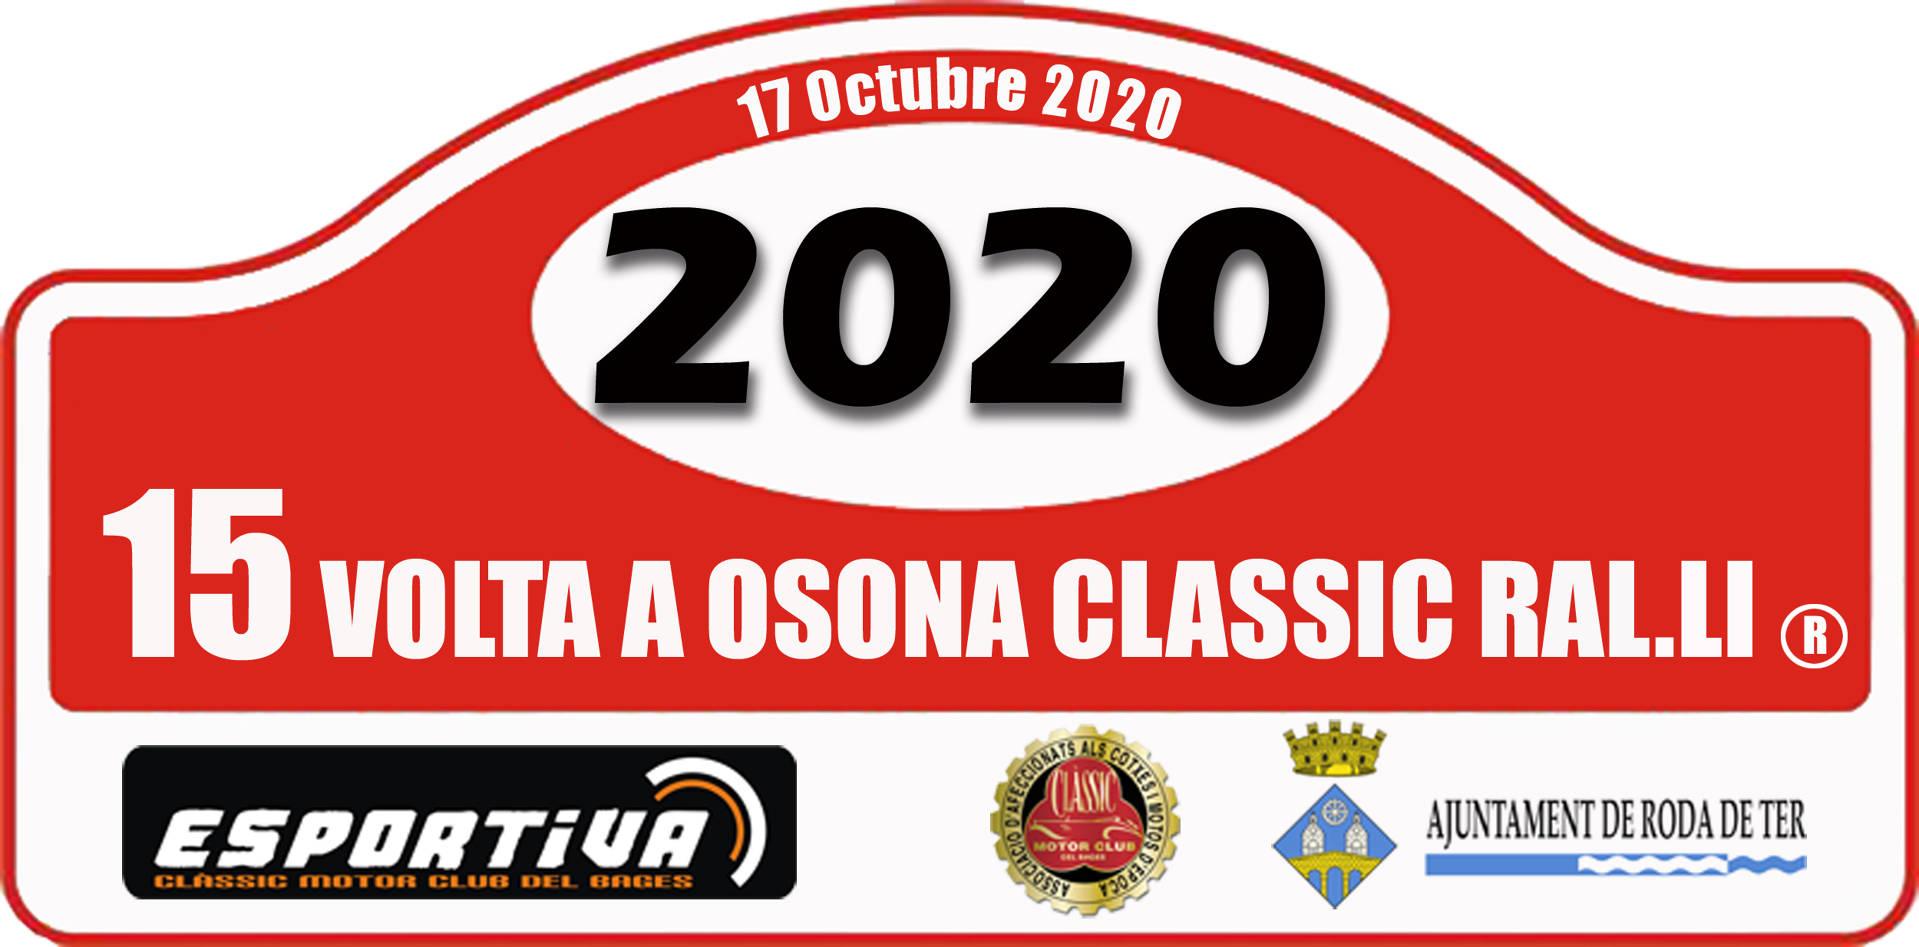 Campionat de Promoció i Volant RACC, també a la 15à. Volta a Osona